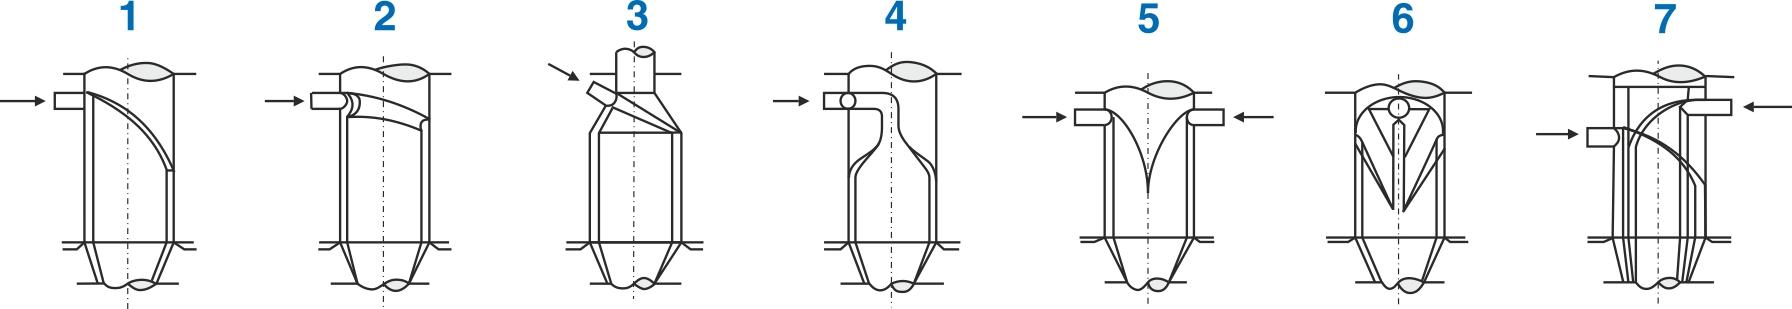 Forskellige udformninger af dornen for at opnå bedst mulig sammenflydning af plasten